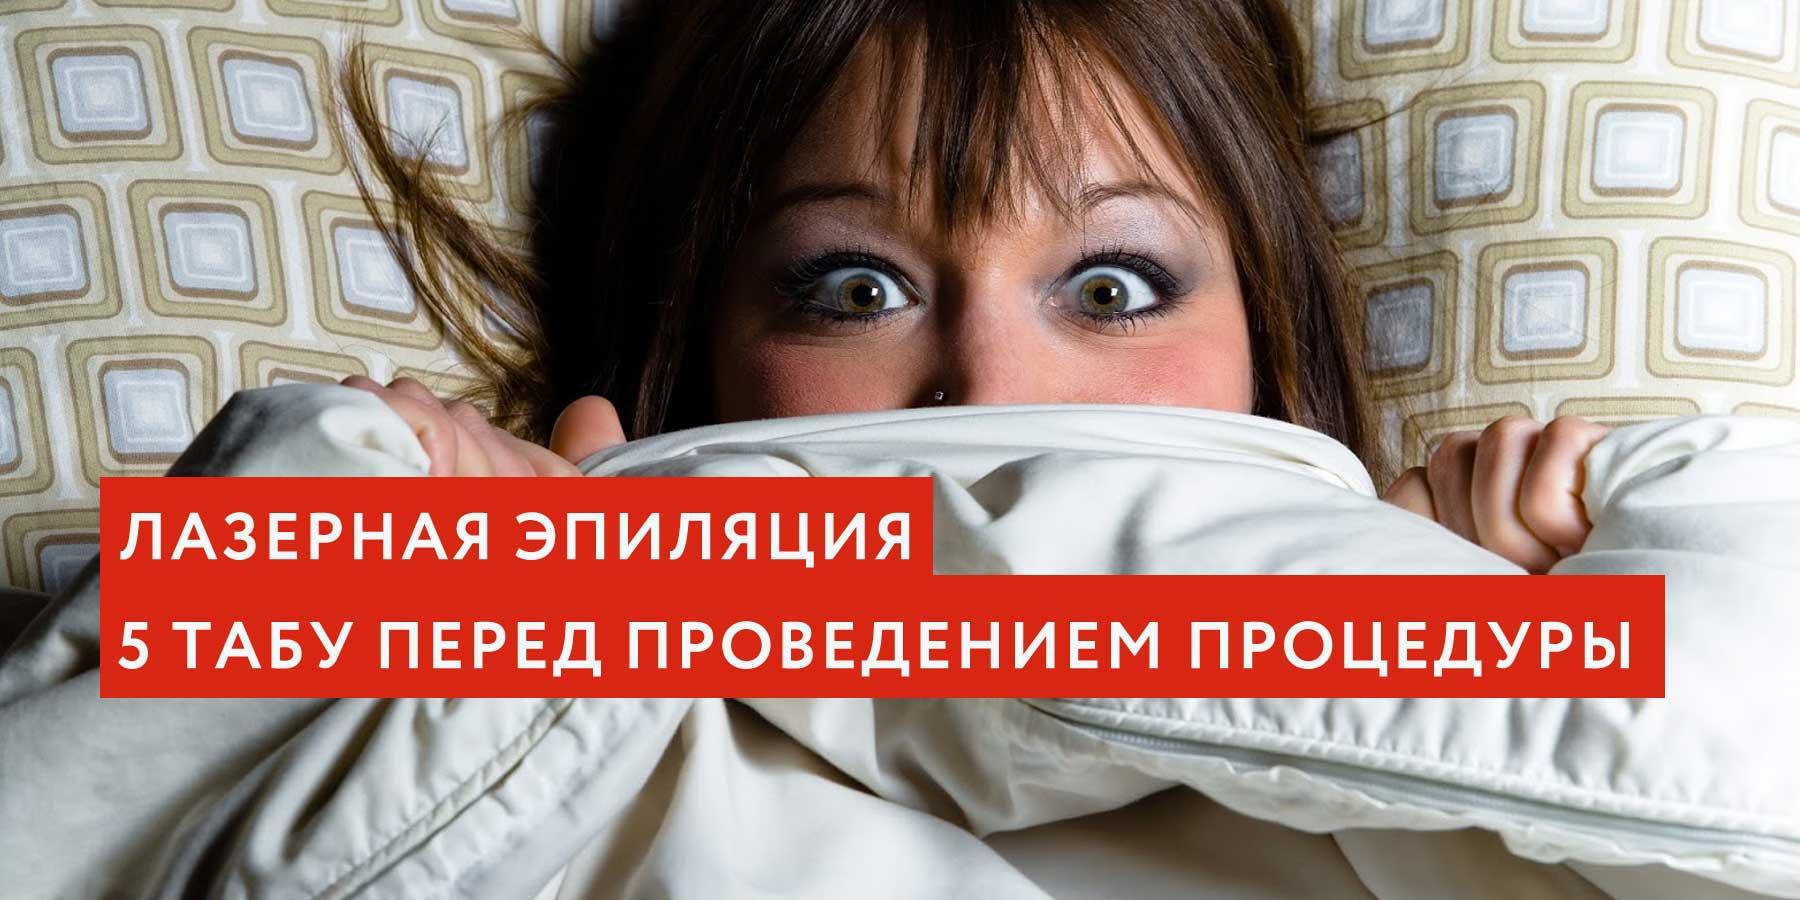 Лазерная эпиляция: 5 табу перед проведением процедуры в Москве